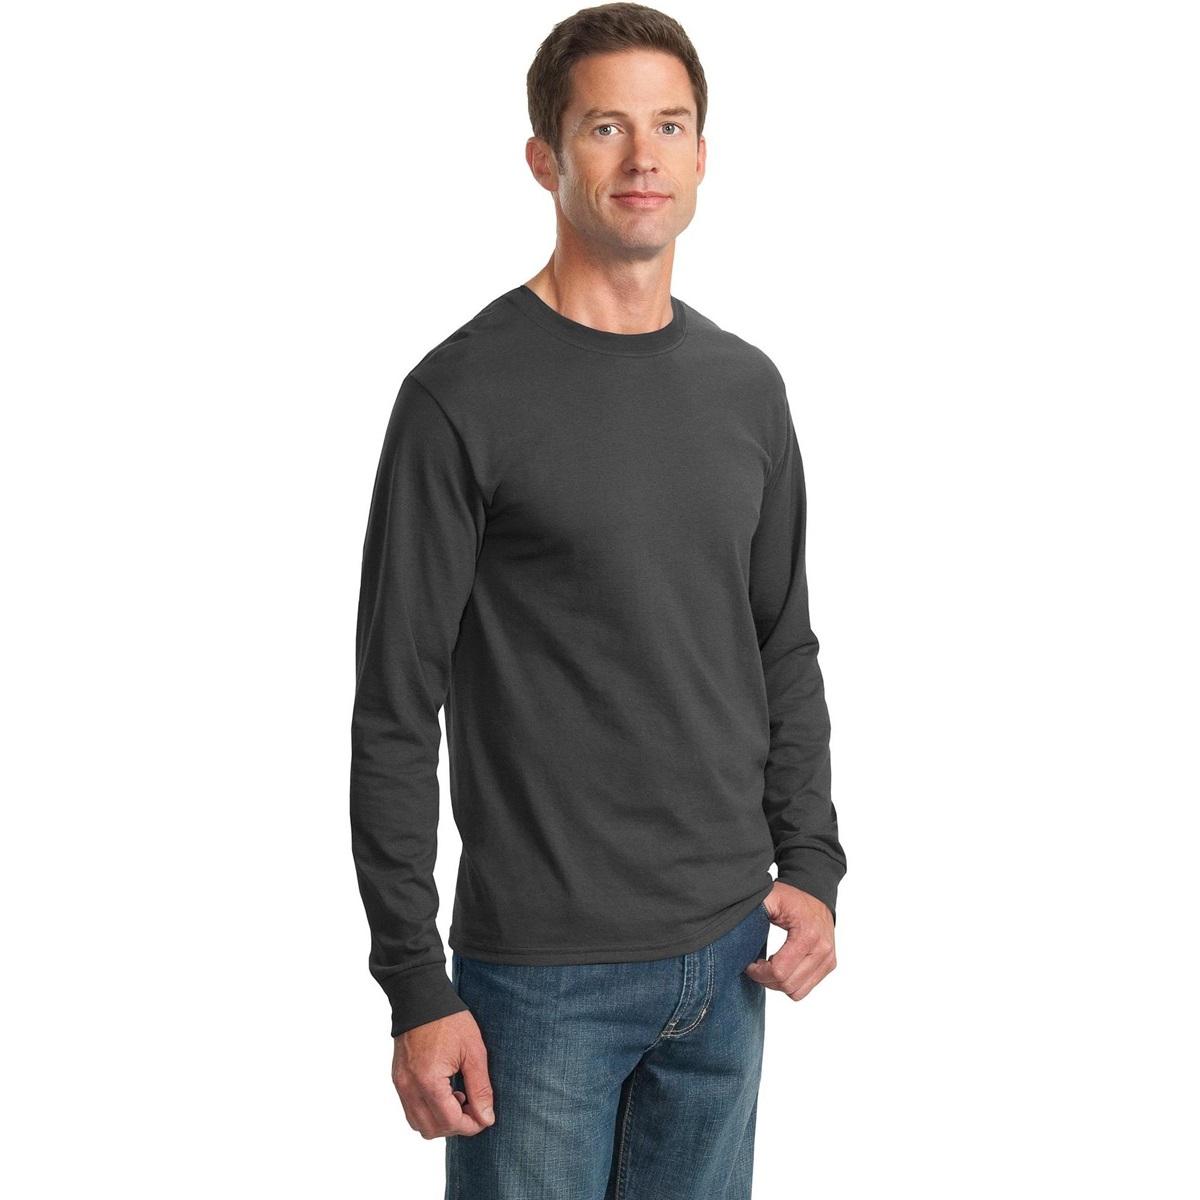 Jerzees 29ls heavyweight blend long sleeve t shirt for Grey long sleeve shirts